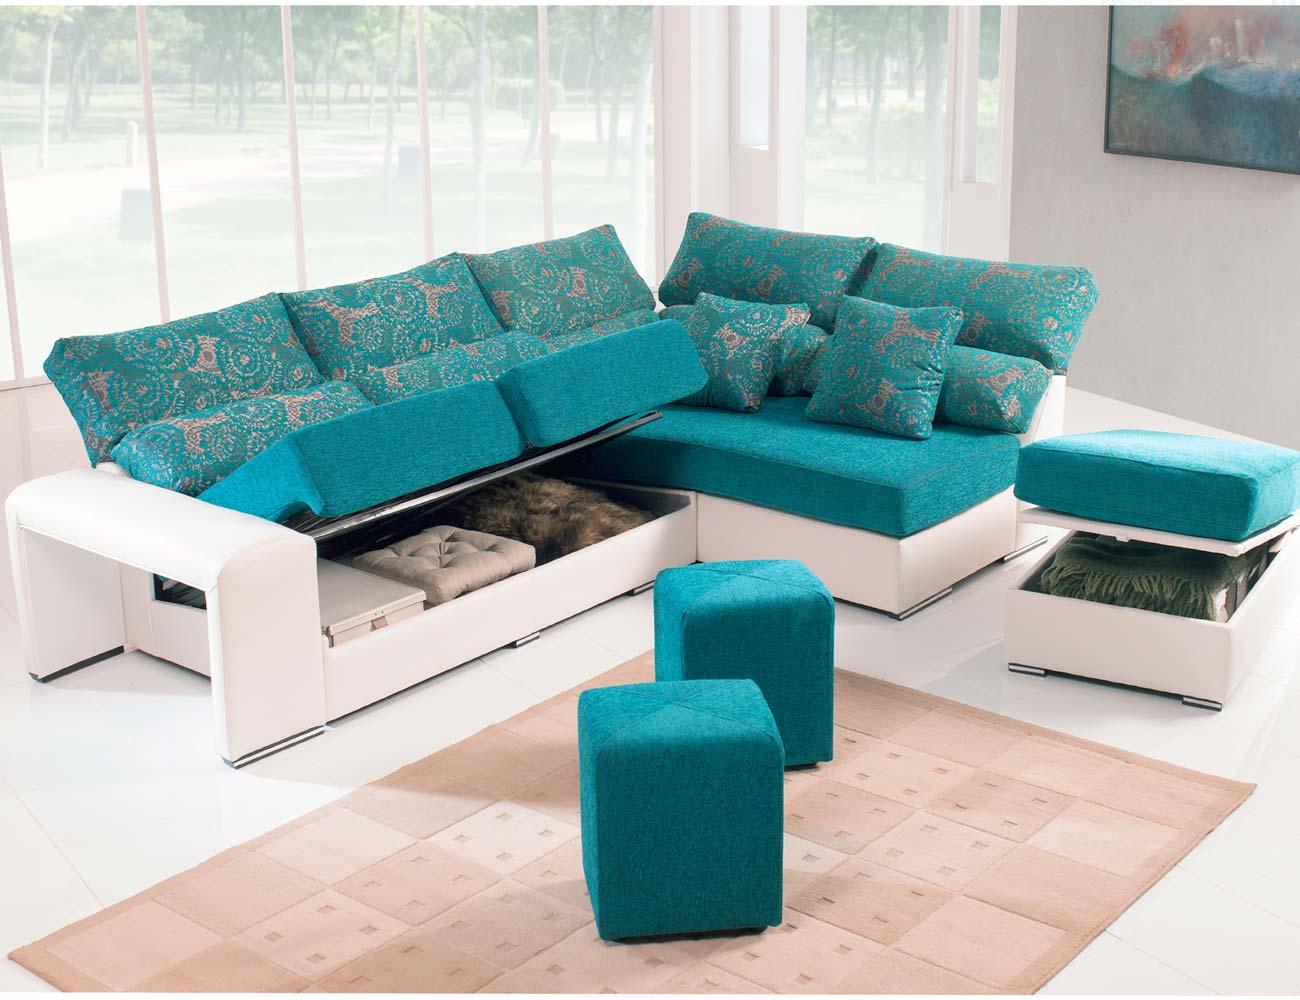 Sofa chaiselongue rincon puff arcon taburete27